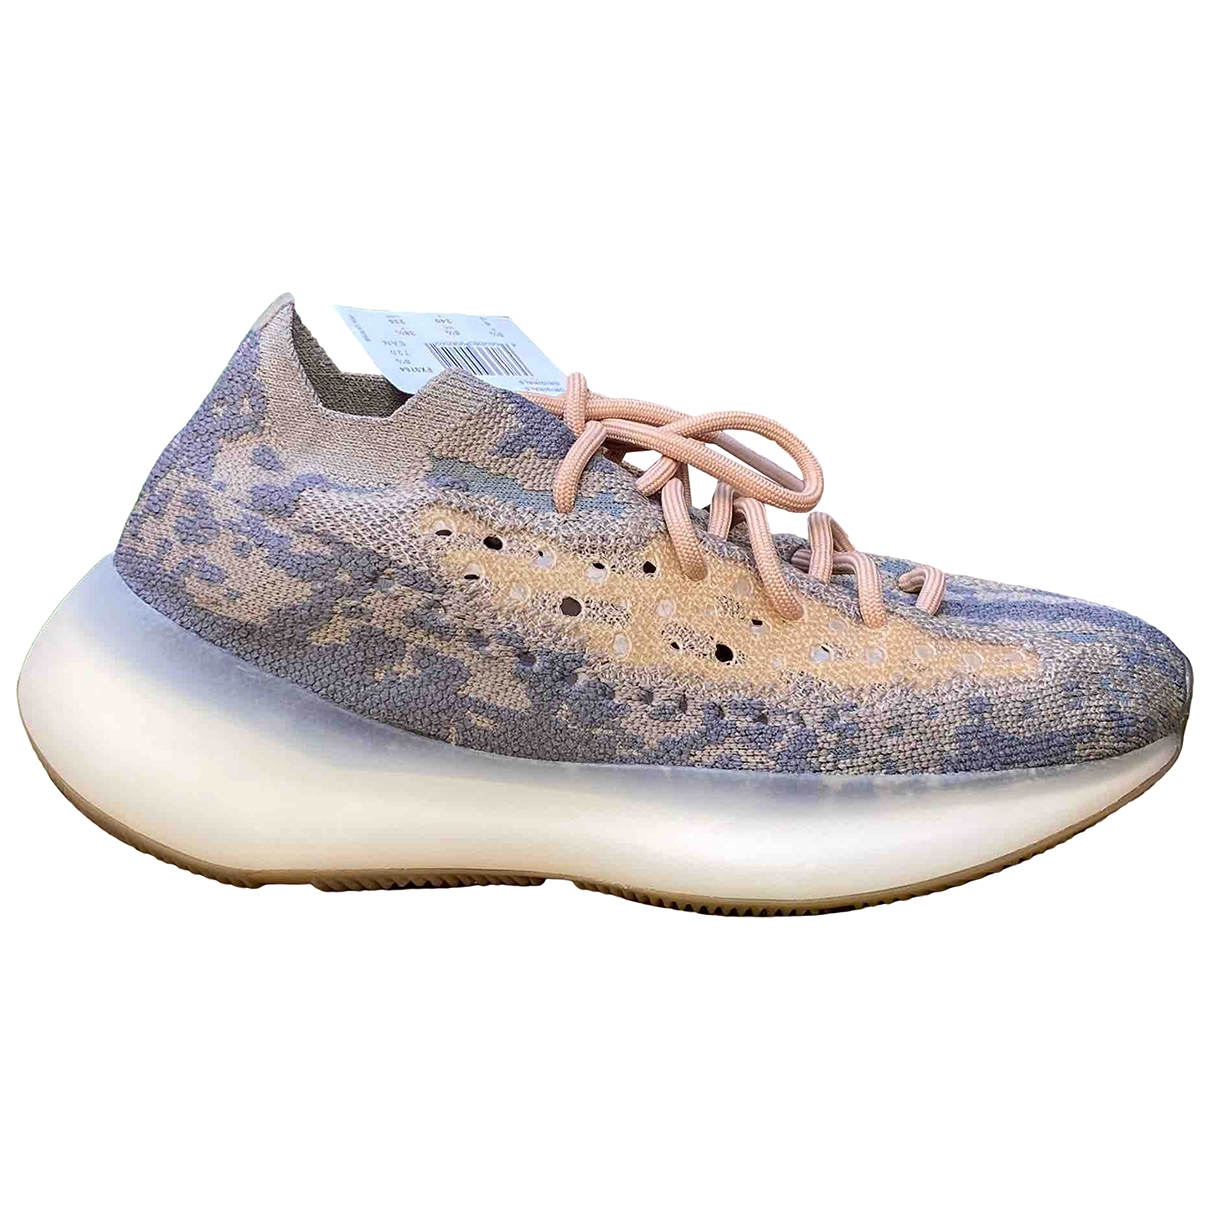 Yeezy X Adidas - Baskets Boost 380 pour femme en toile - gris